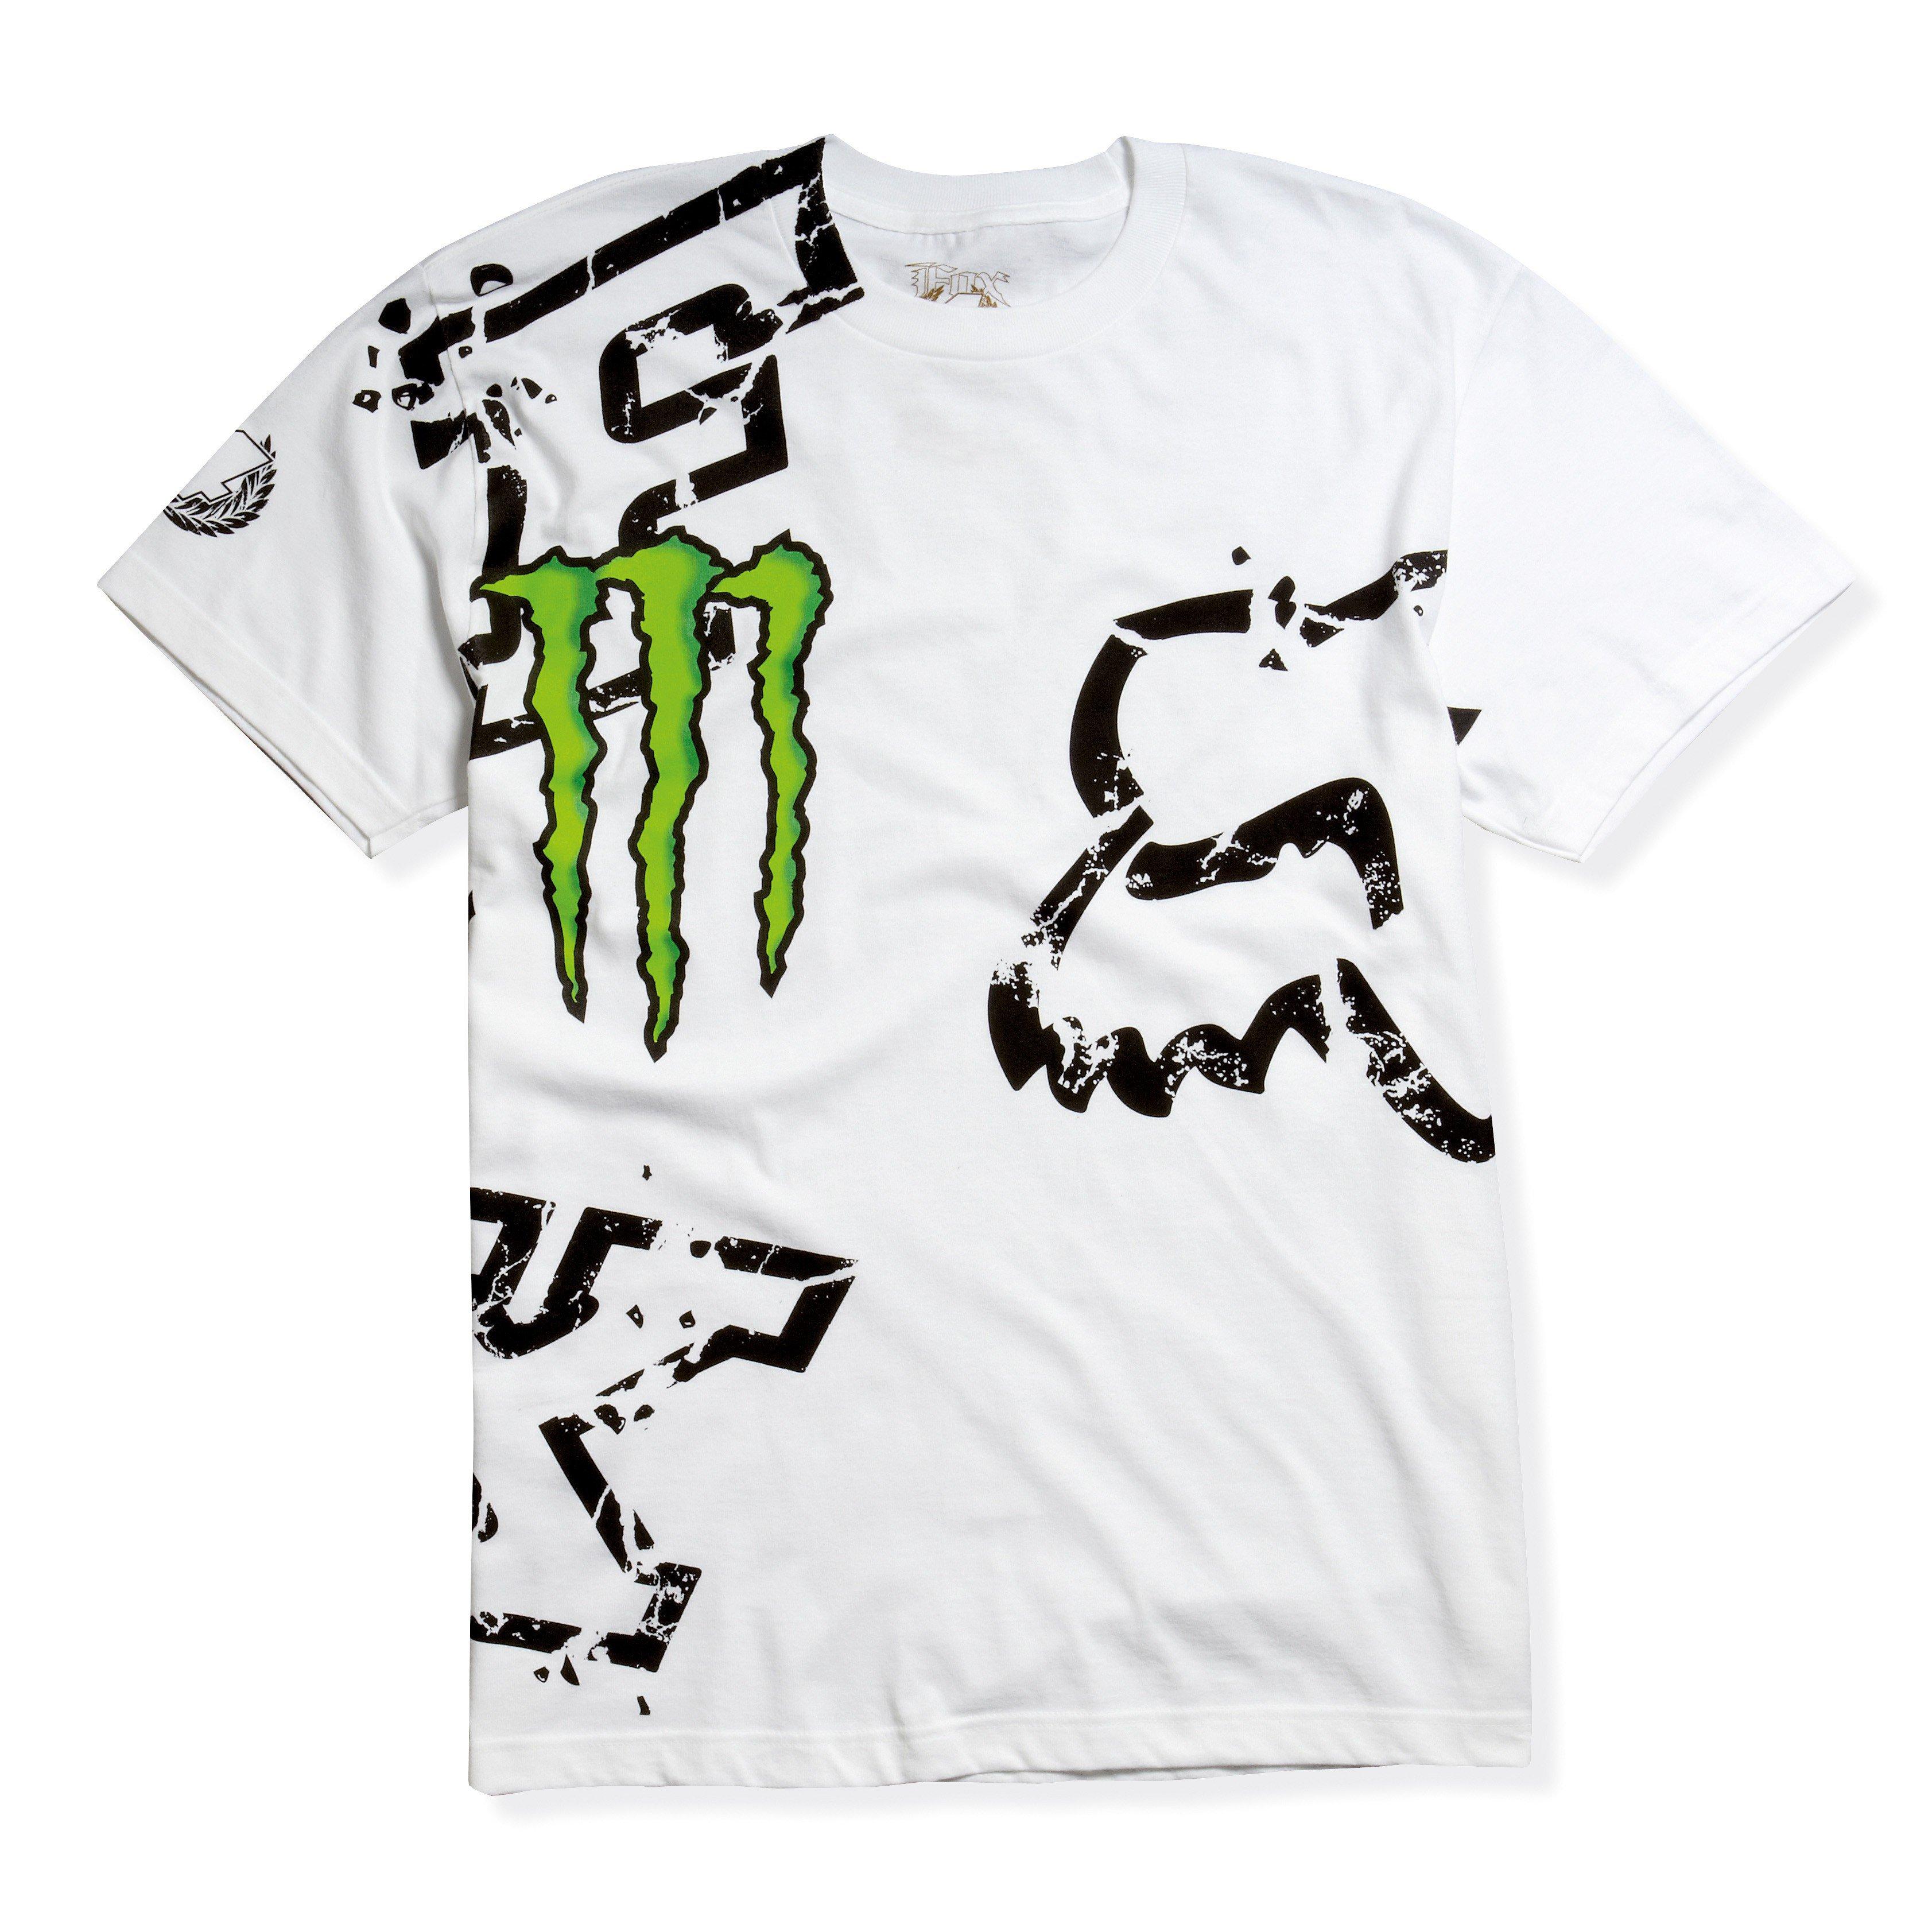 Tričko pánské FOX Monster Downfall bílé - velikost L